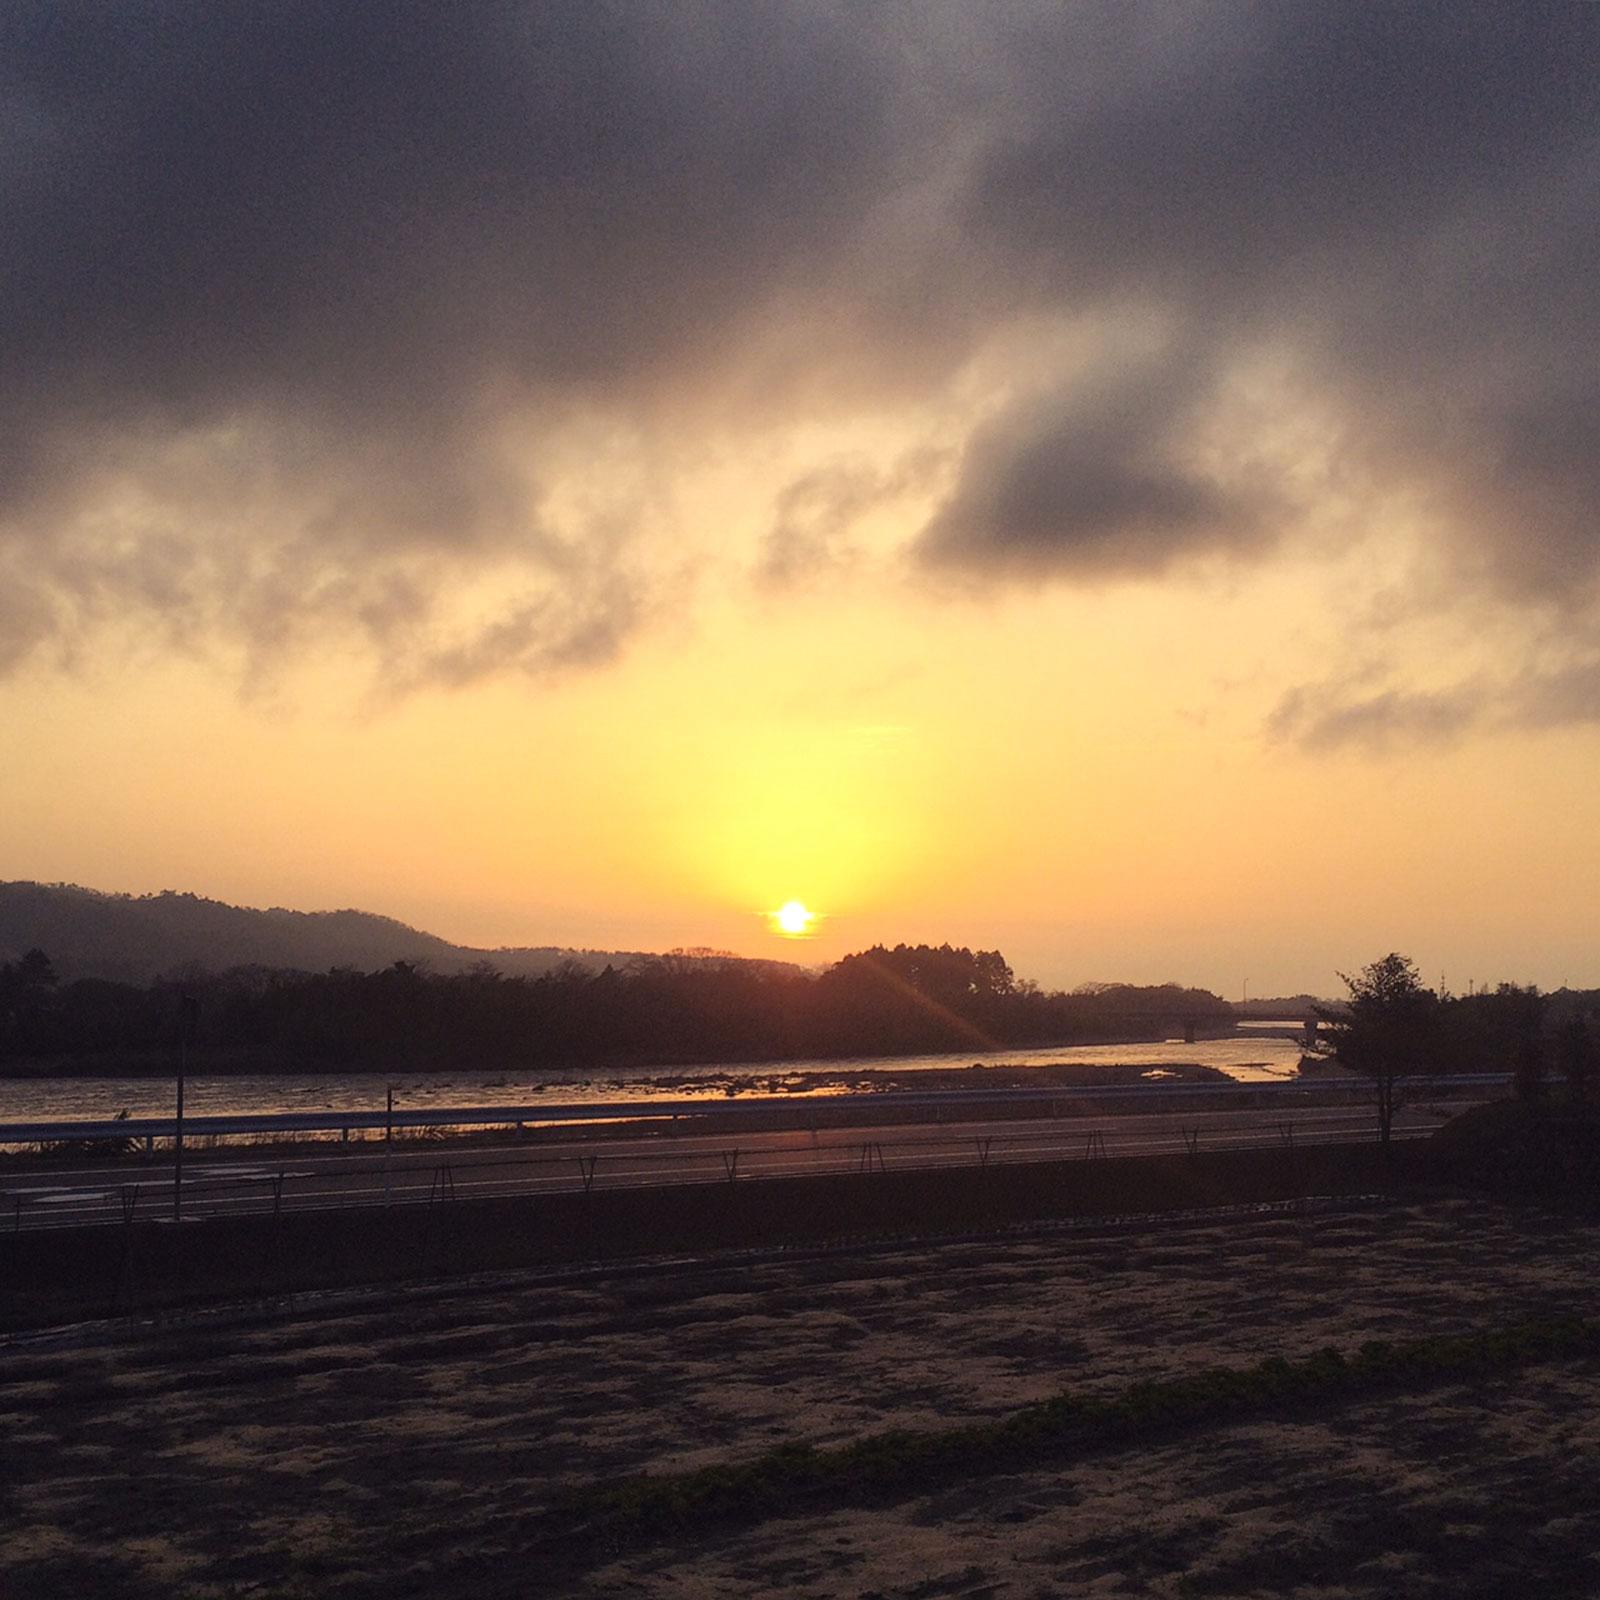 高島の燃える夕陽